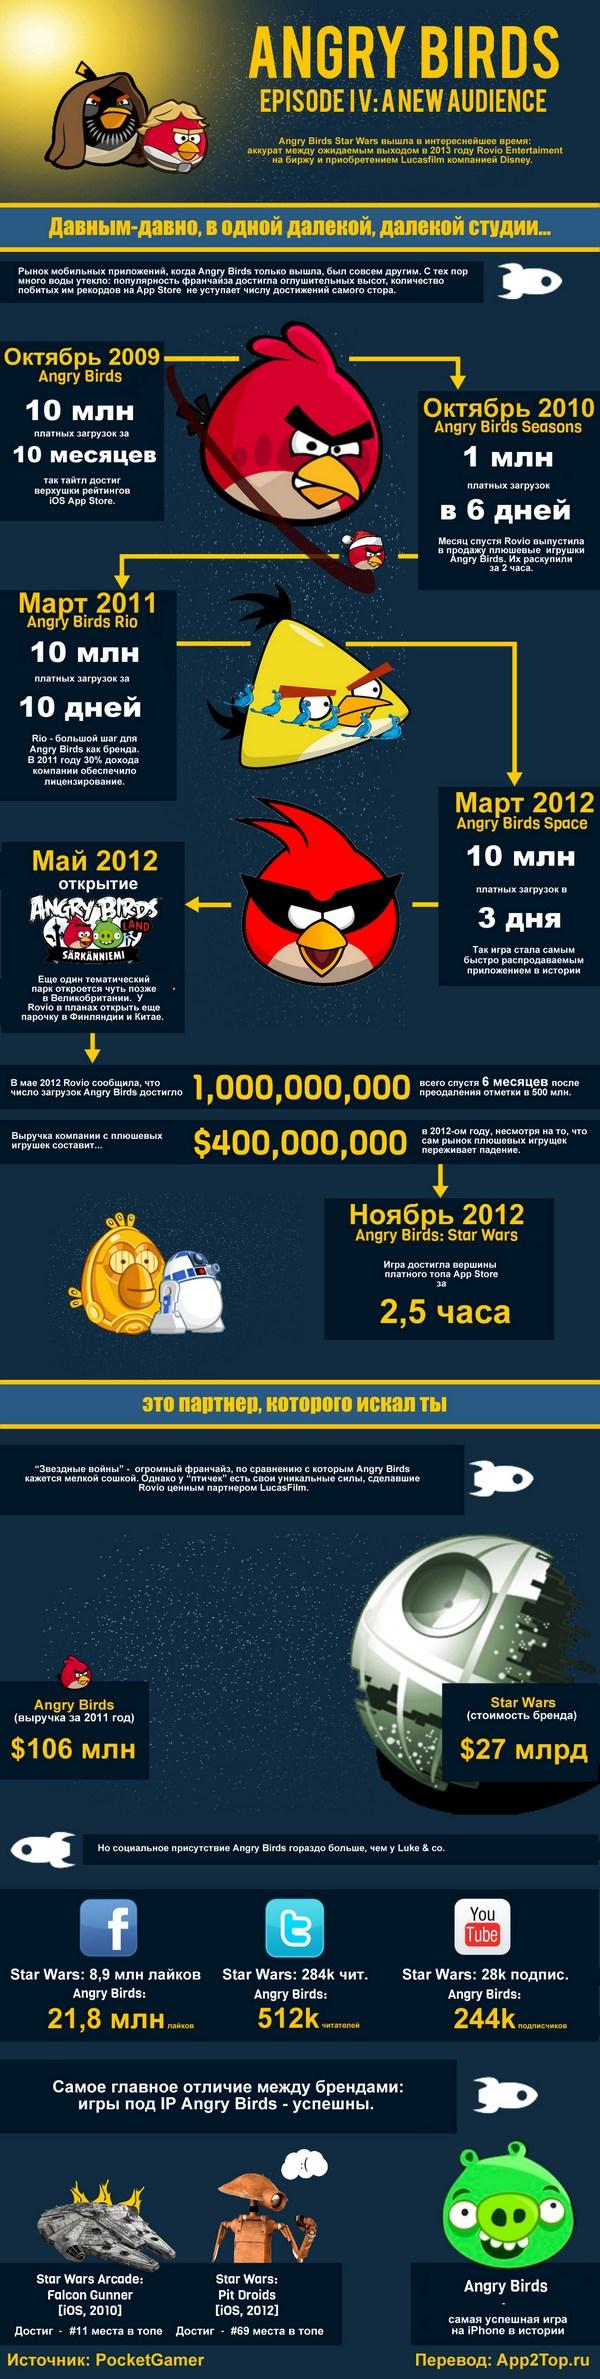 Причины популярности игры Angry Birds